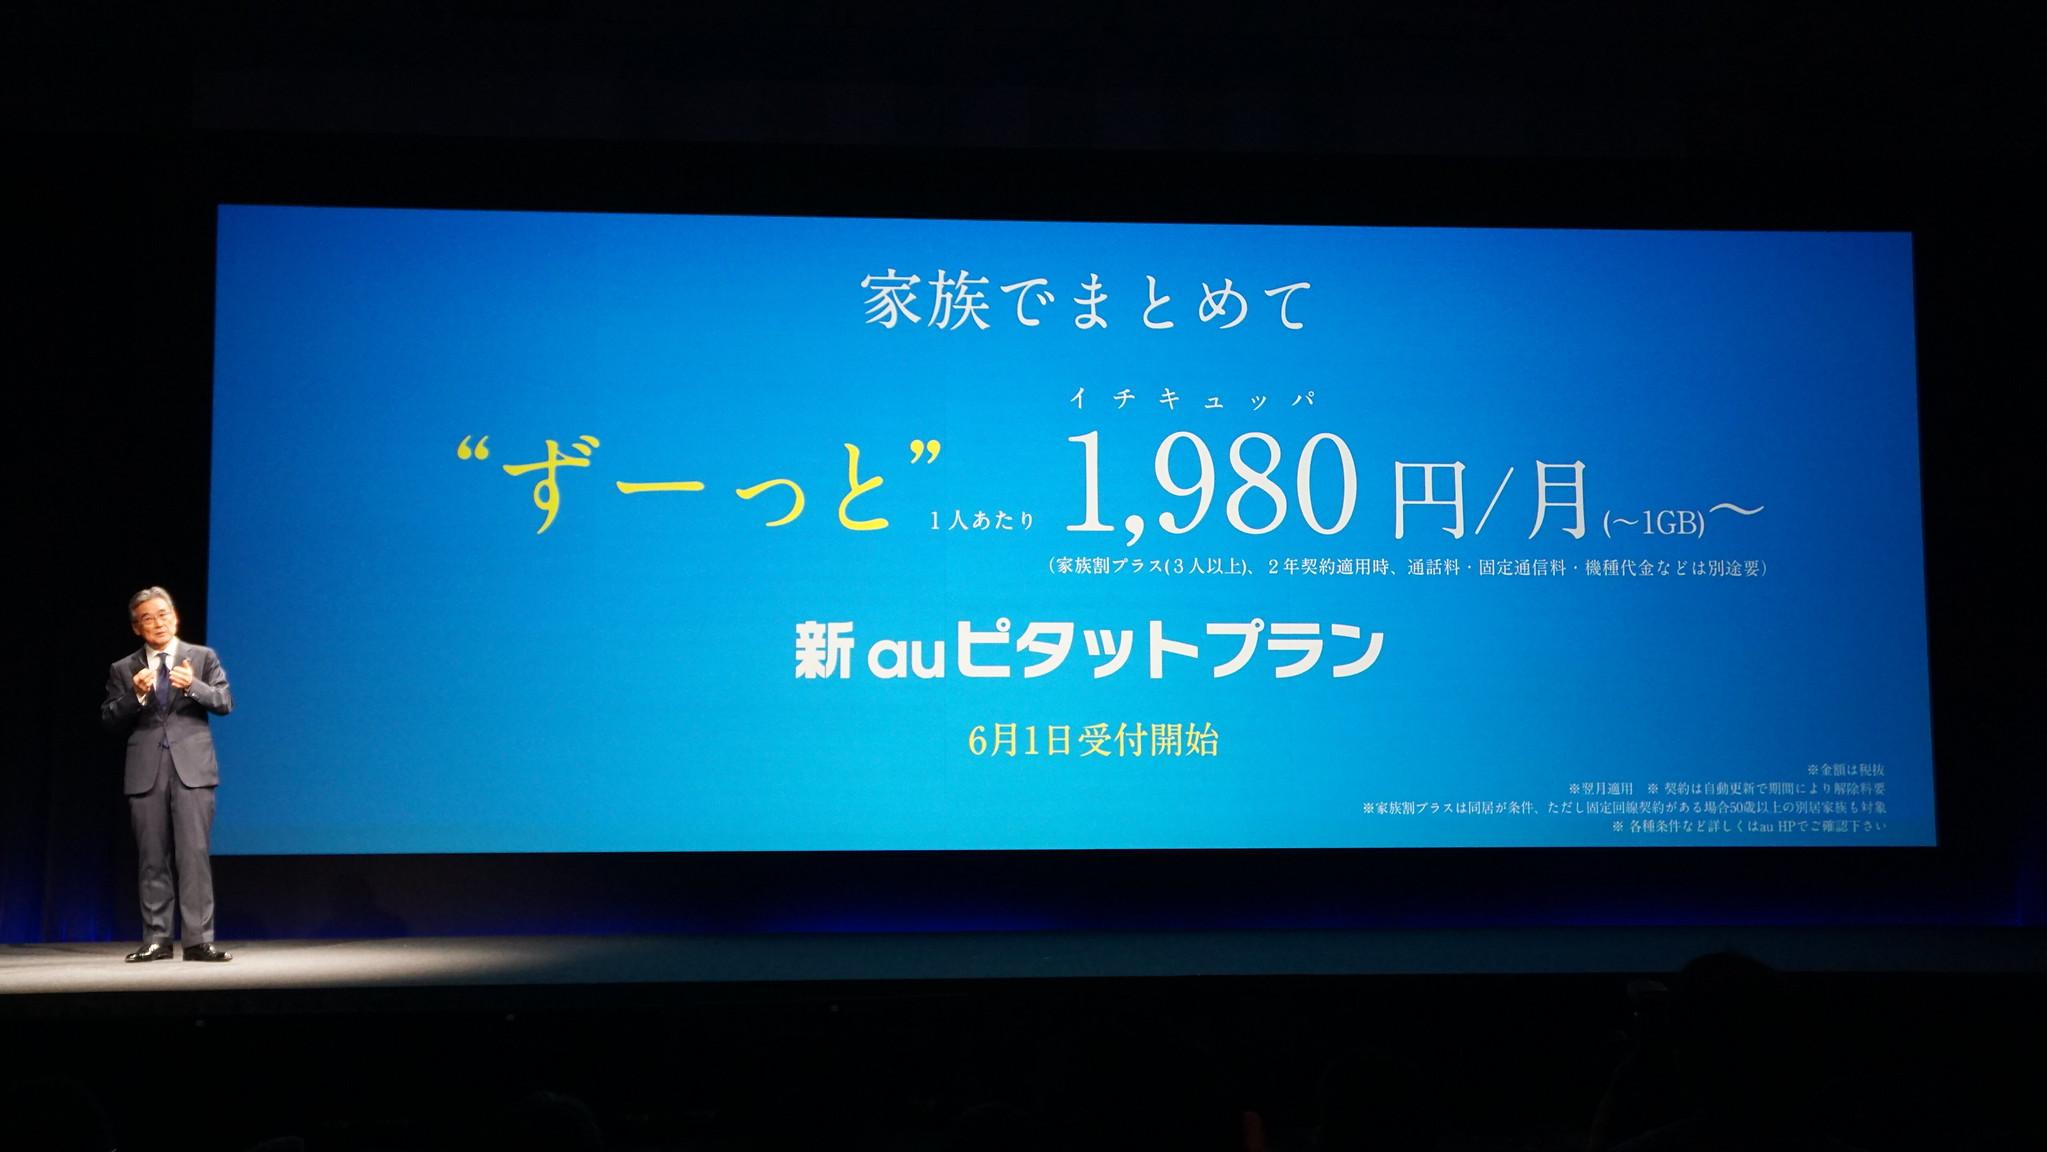 4割値下げ、1GBまで月2,980円〜「新auピタットプラン」が登場。家族3人なら1,980円に